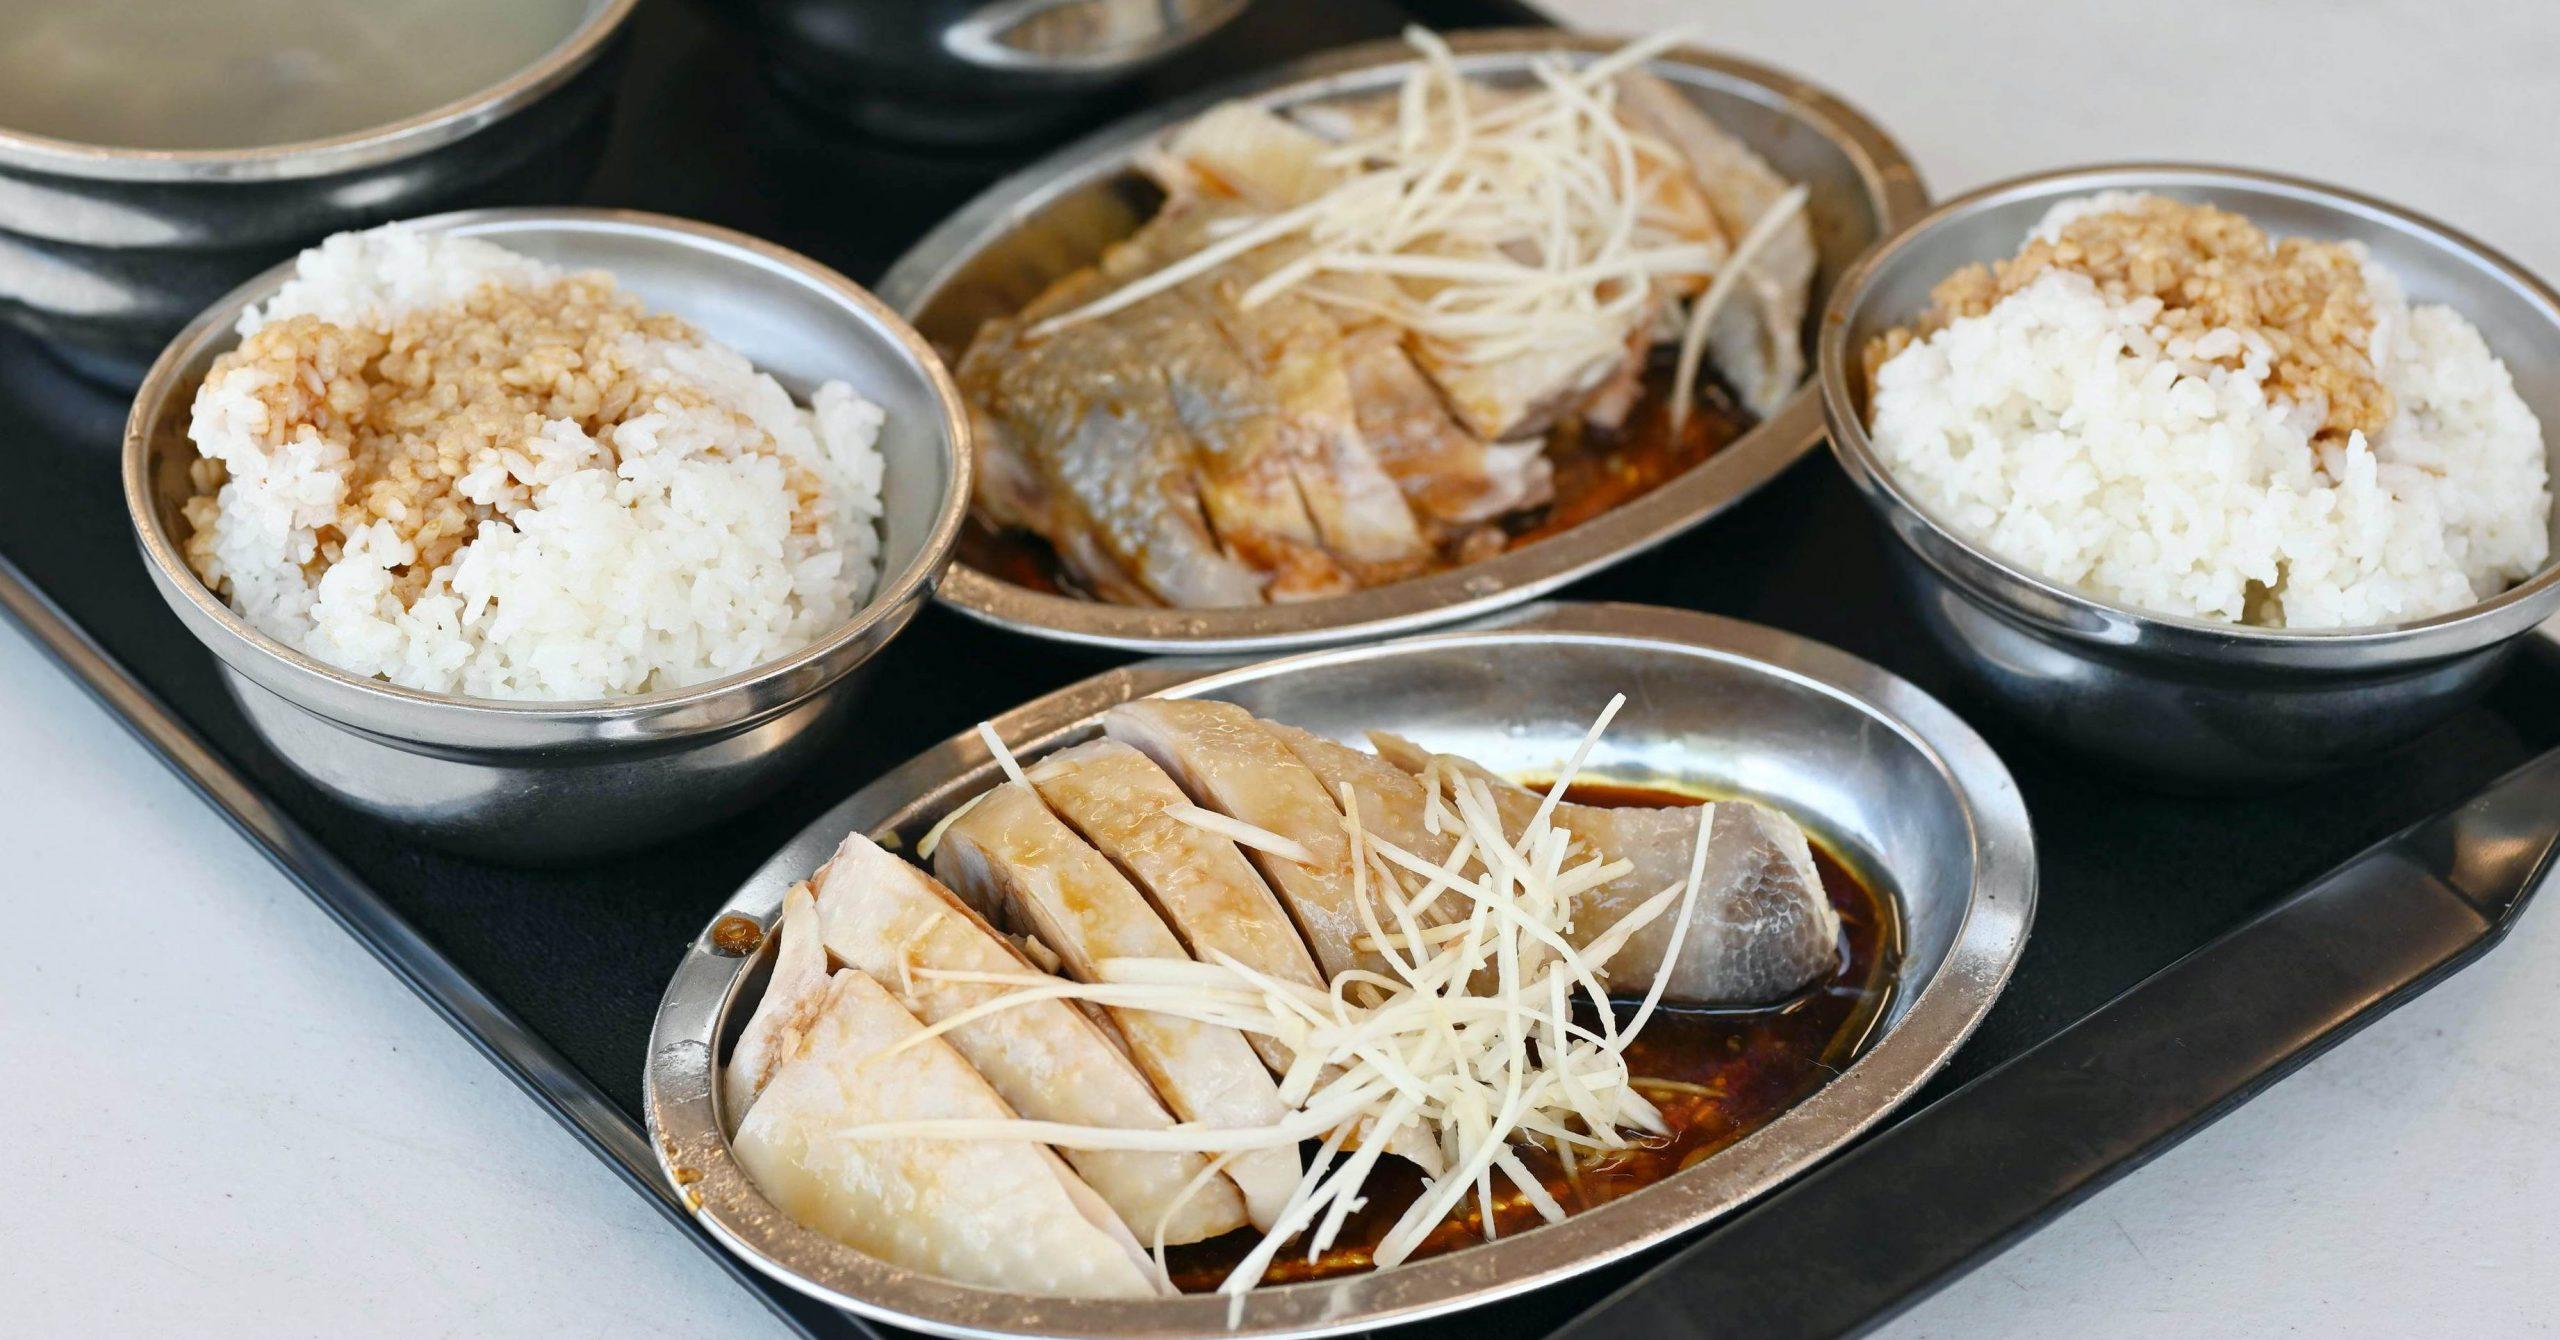 即時熱門文章:【南機場夜市美食】山內雞肉,米其林必比登推薦(菜單)